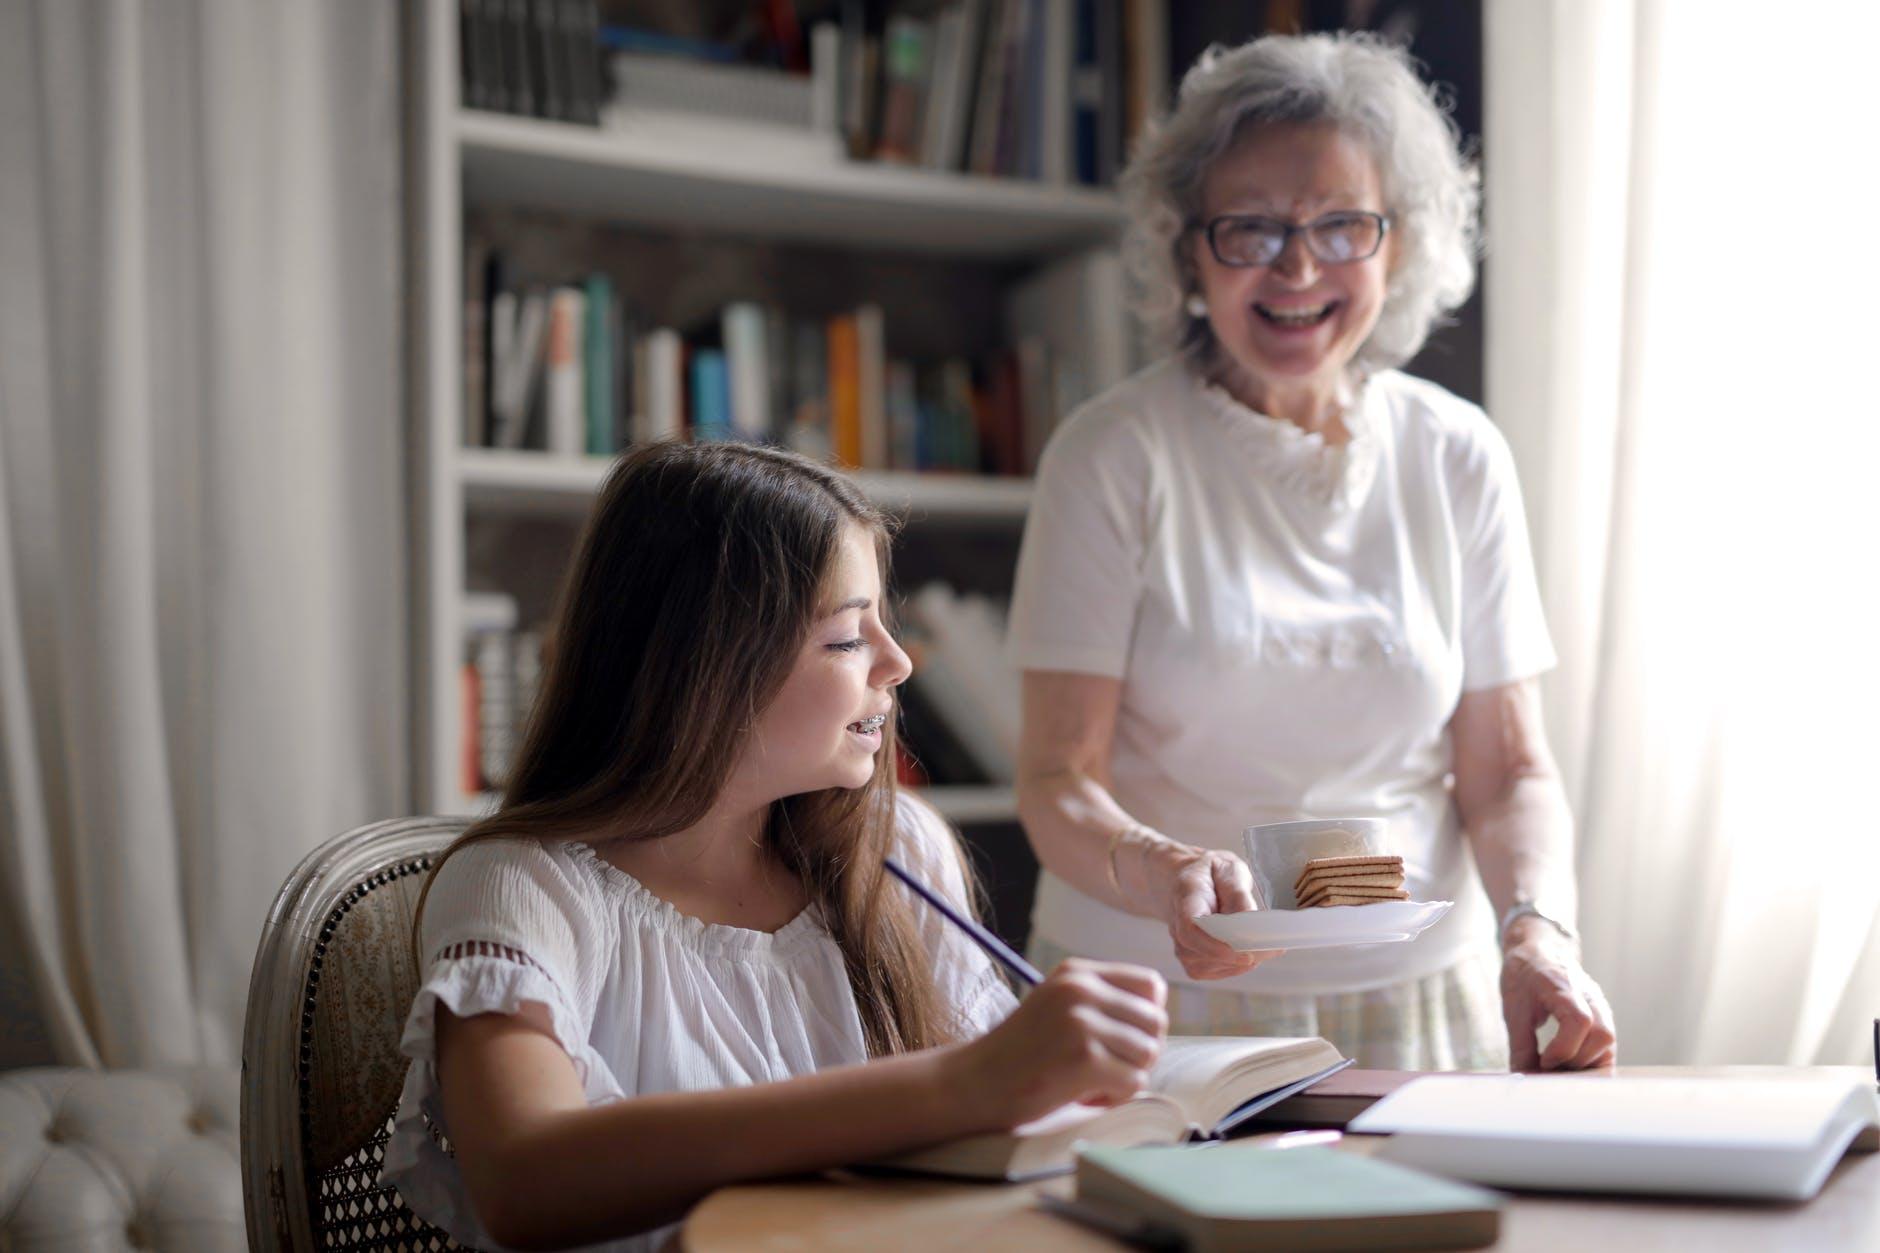 Saindo da adolescência e a escolha da profissão. Ajudando jovens a decidirem pelo seu futuro.